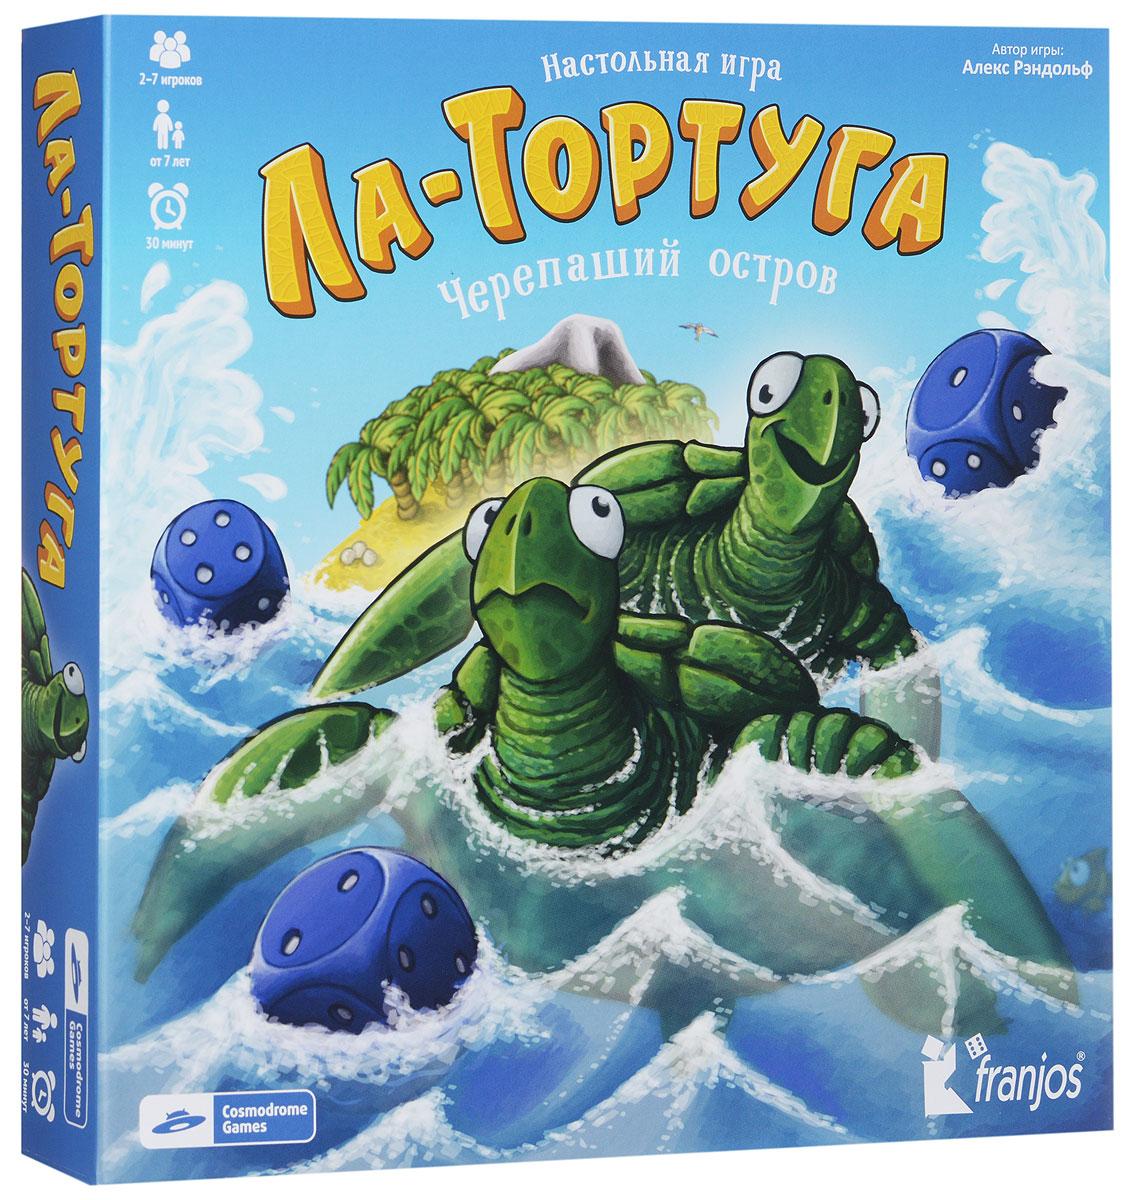 Cosmodrome Games Настольная игра Ла-Тортуга Черепаший остров52007Настольная игра Cosmodrome Games Ла-Тортуга. Черепаший остров обязательно понравится всей вашей семье! Ла-Тортуга - труднодоступный остров у побережья Венесуэлы. Он популярен не только среди туристов. Часто сюда приплывают морские черепахи. Здесь они откладывают яйца - чем больше, тем лучше. И именно этому посвящена эта игра! Черепахи игроков по кругу перемещаются вокруг острова, и иногда им даже удается прокатиться на спинах (точнее, на панцирях) других черепах. Как только черепаха достигает пляжного участка острова или проплывает мимо него, она откладывает столько яиц, сколько указано на самой верхней карте кладки. Когда колода карт заканчивается, игроки разыгрывают последний раунд, в конце которого одна из черепах откладывает еще семь яиц. В игре побеждает участник, чья черепаха сумела отложить наибольшее число яиц.